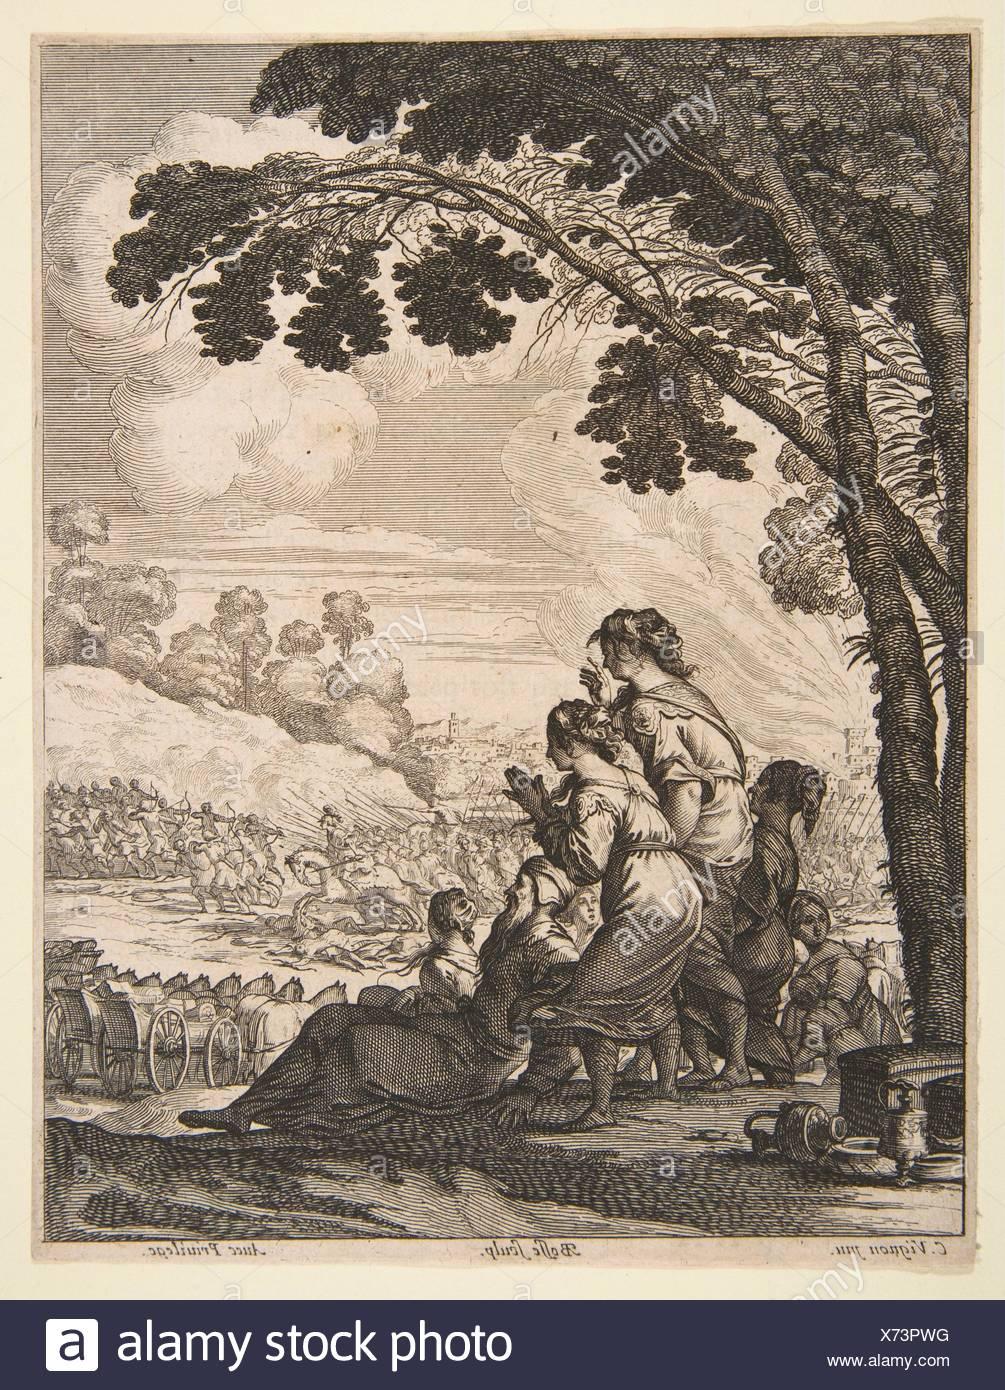 Ilustración de L'Ariane por Desmarets de Saint-Sorlin; Palamede a caballo se enfrenta a sus enemigos mientras busca Epicharis. Artista: Abraham Imagen De Stock